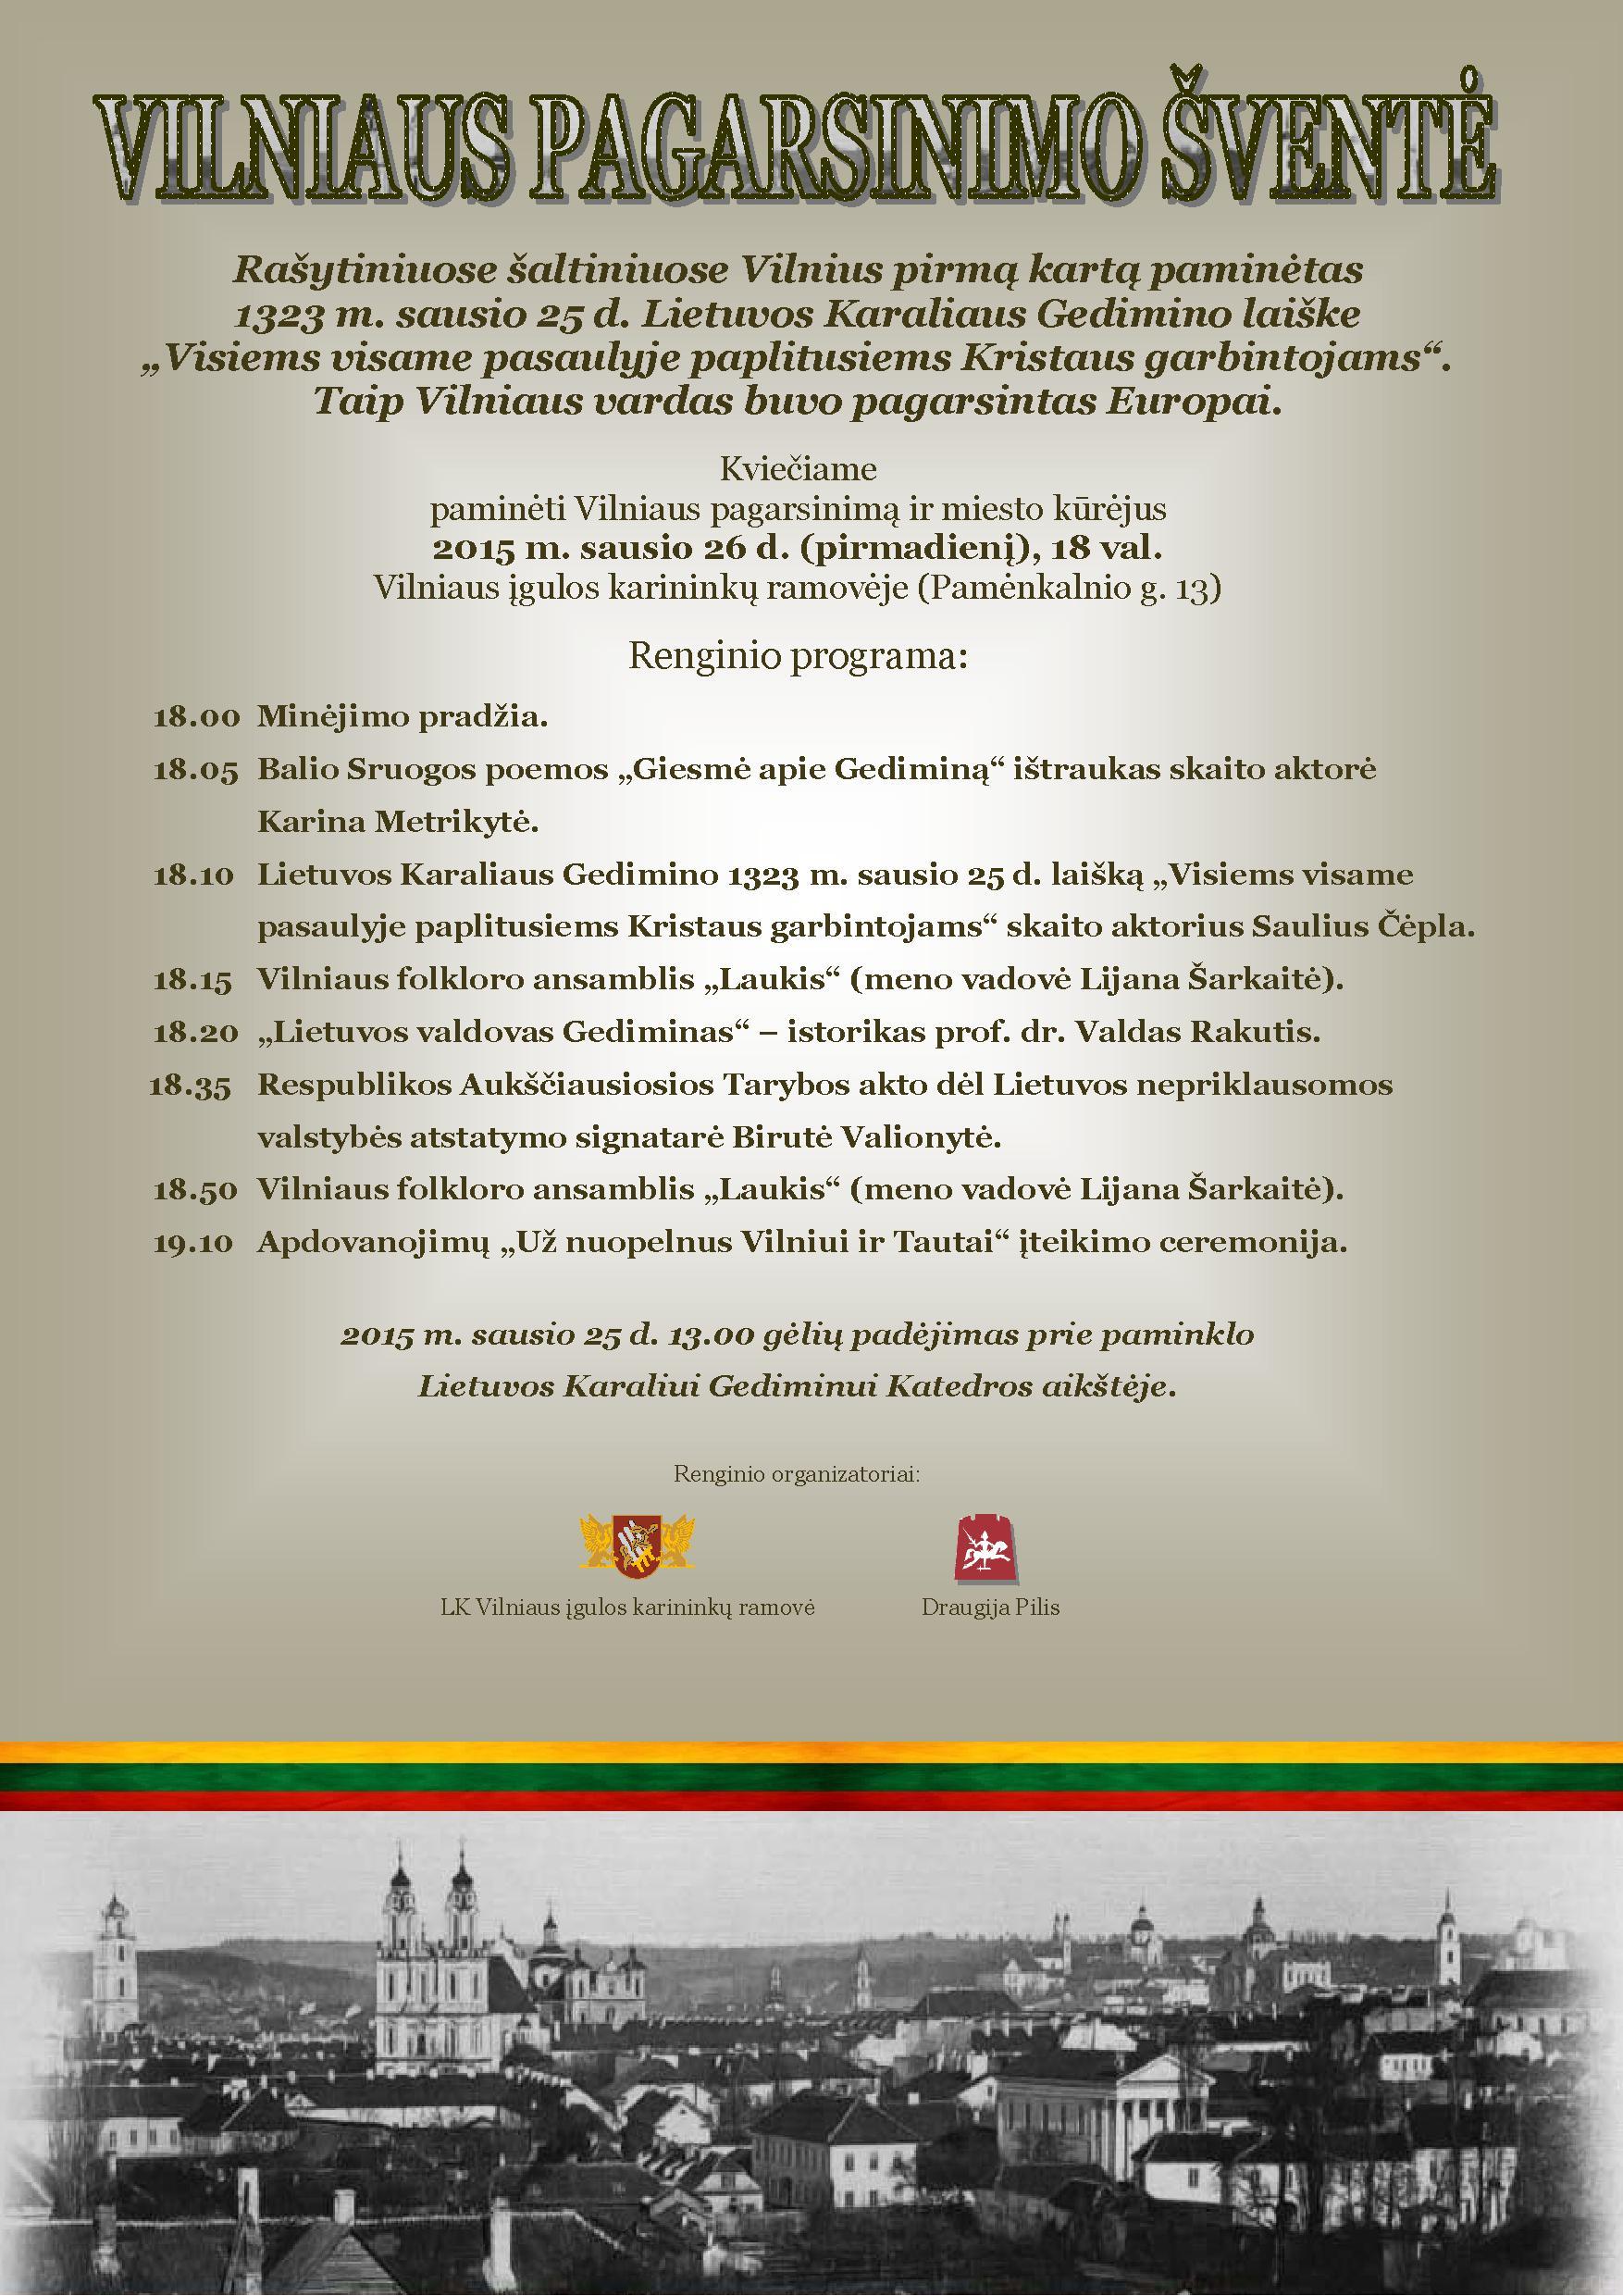 Vilniaus pagarsinimo šventės plakatas